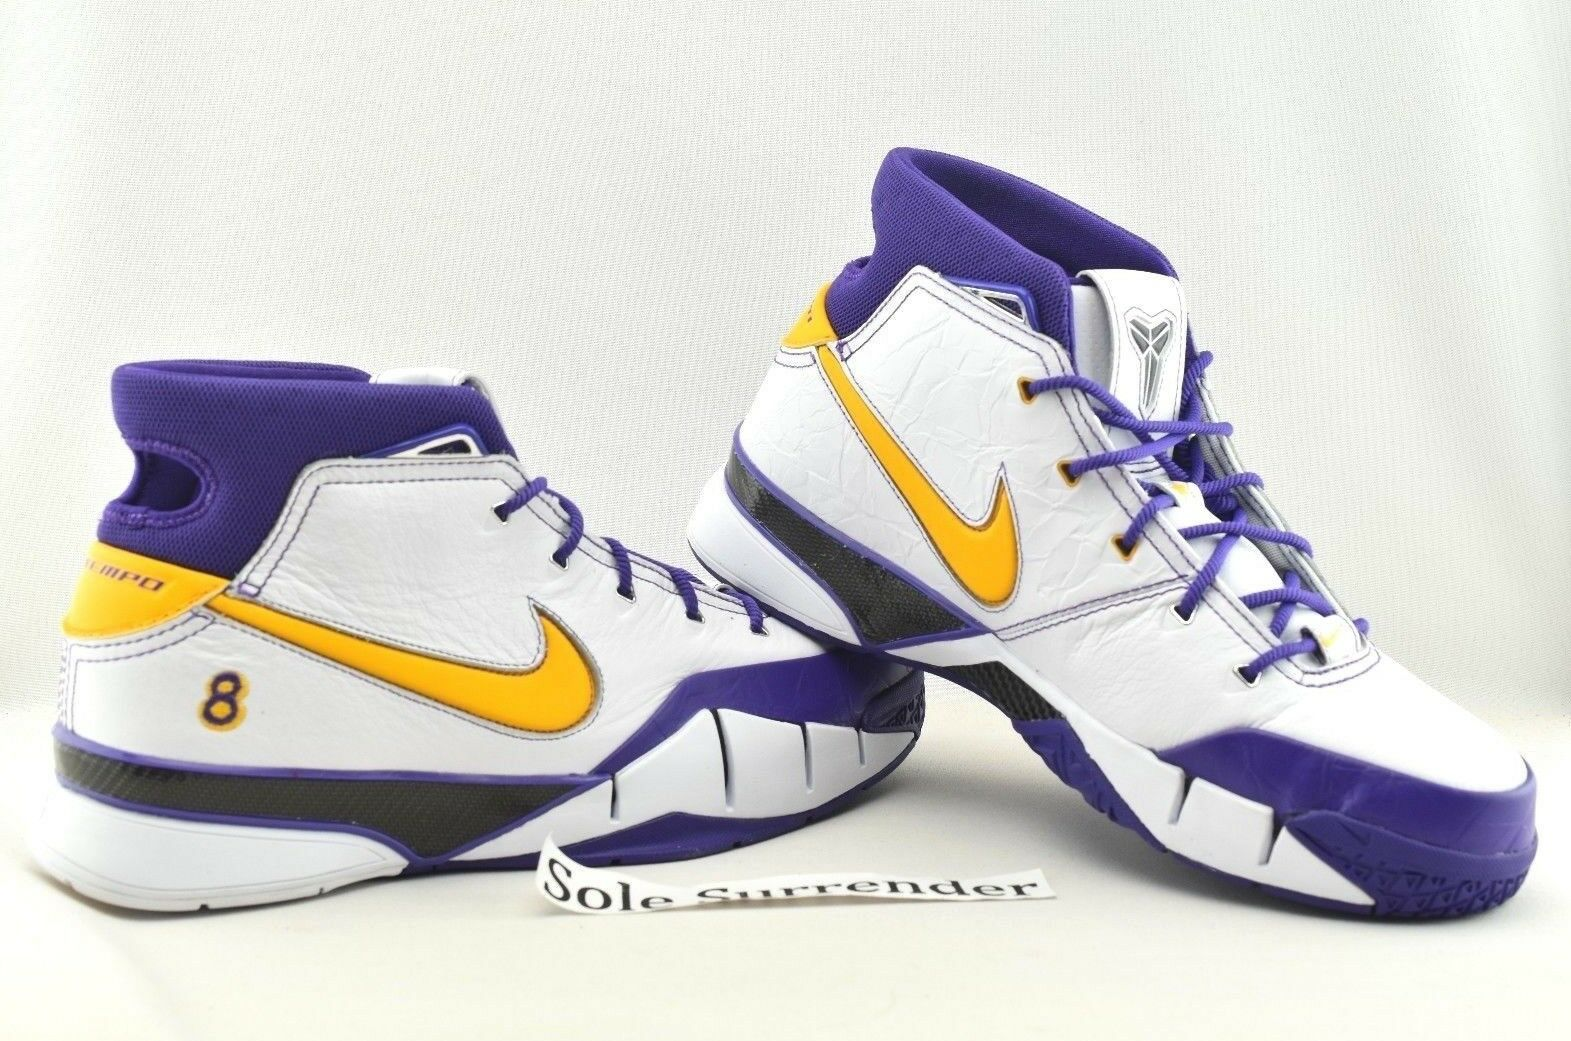 Nike - 1 protro vicino - scegliere taglia - aq2728-101 secondi finali viola d'oro